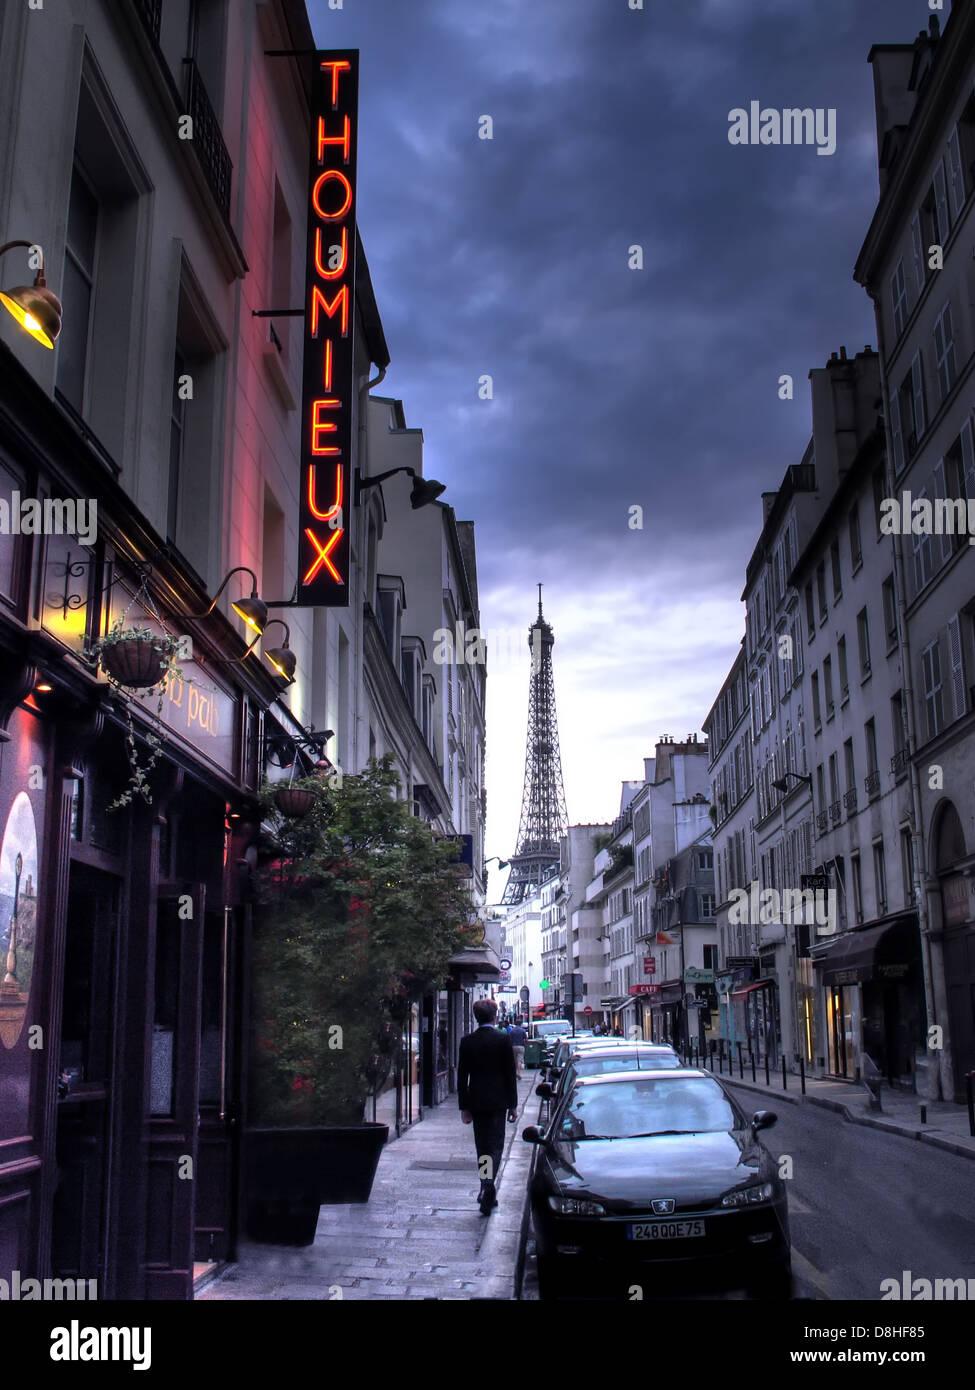 Laden Sie dieses Alamy Stockfoto Ein einzelnes Franzose geht von 79 Rue Saint-Dominique 75007 Paris, Frankreich, The Thoumieux Restaurant. - D8HF85